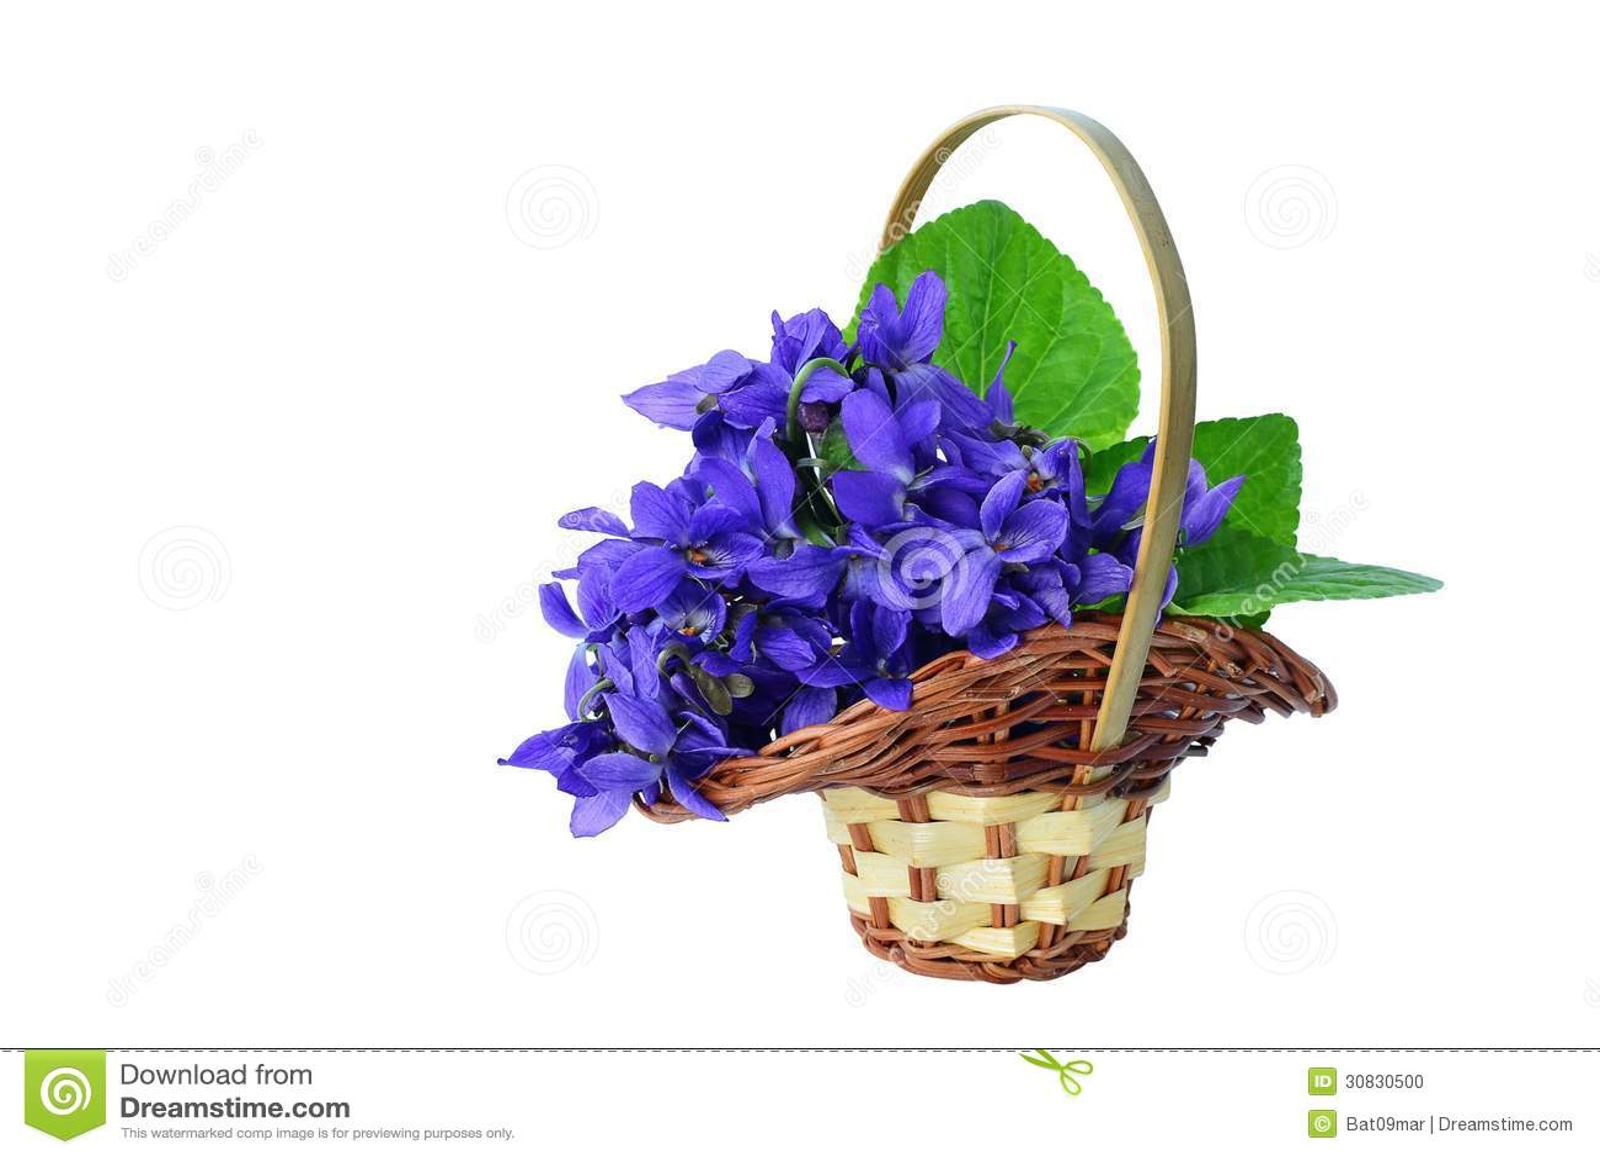 Viole blu in un canestro isolato